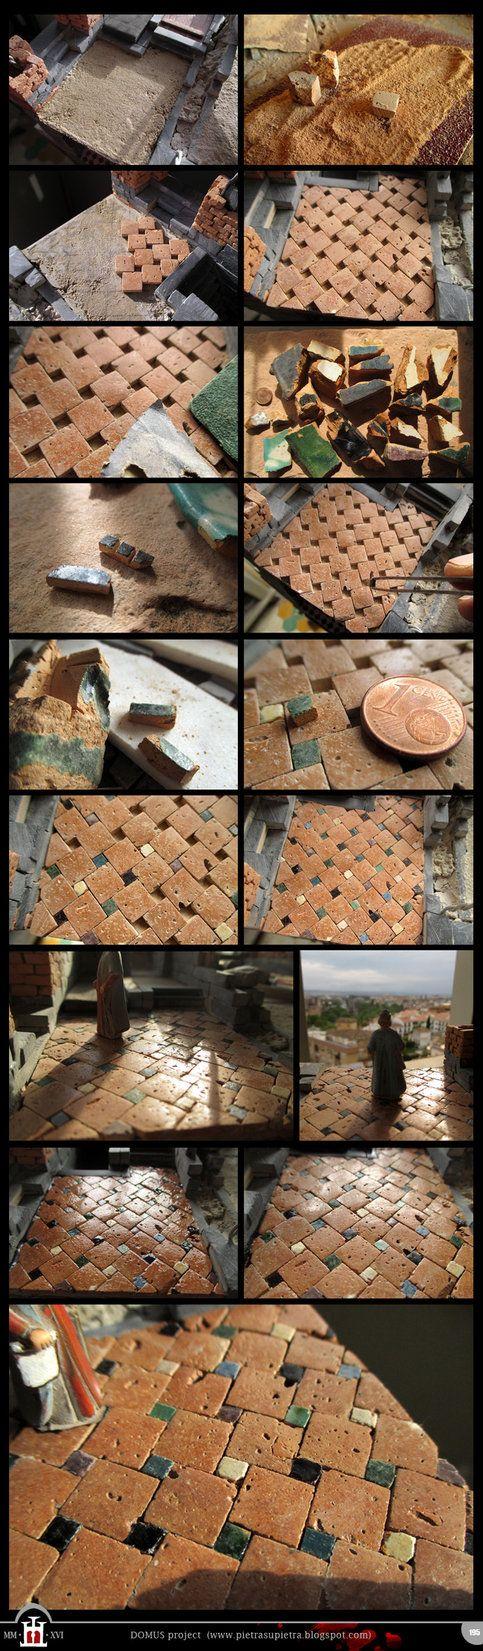 Domus project 195: 14th century ceramic tile floor